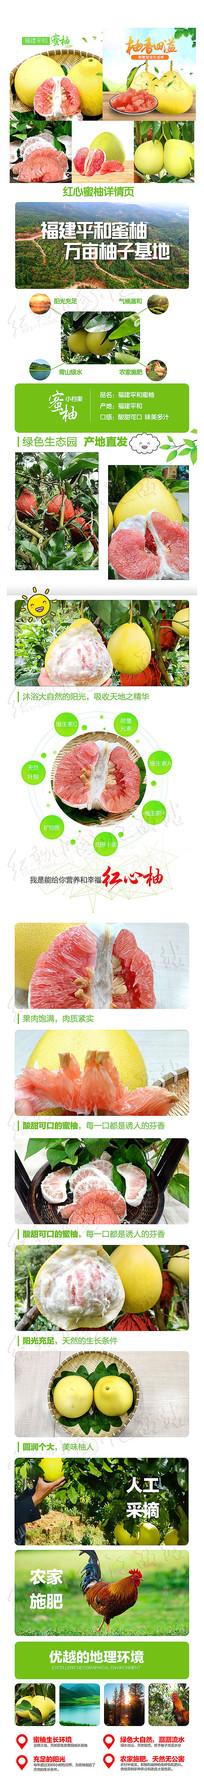 福建平和蜜柚红柚主图详情页设计